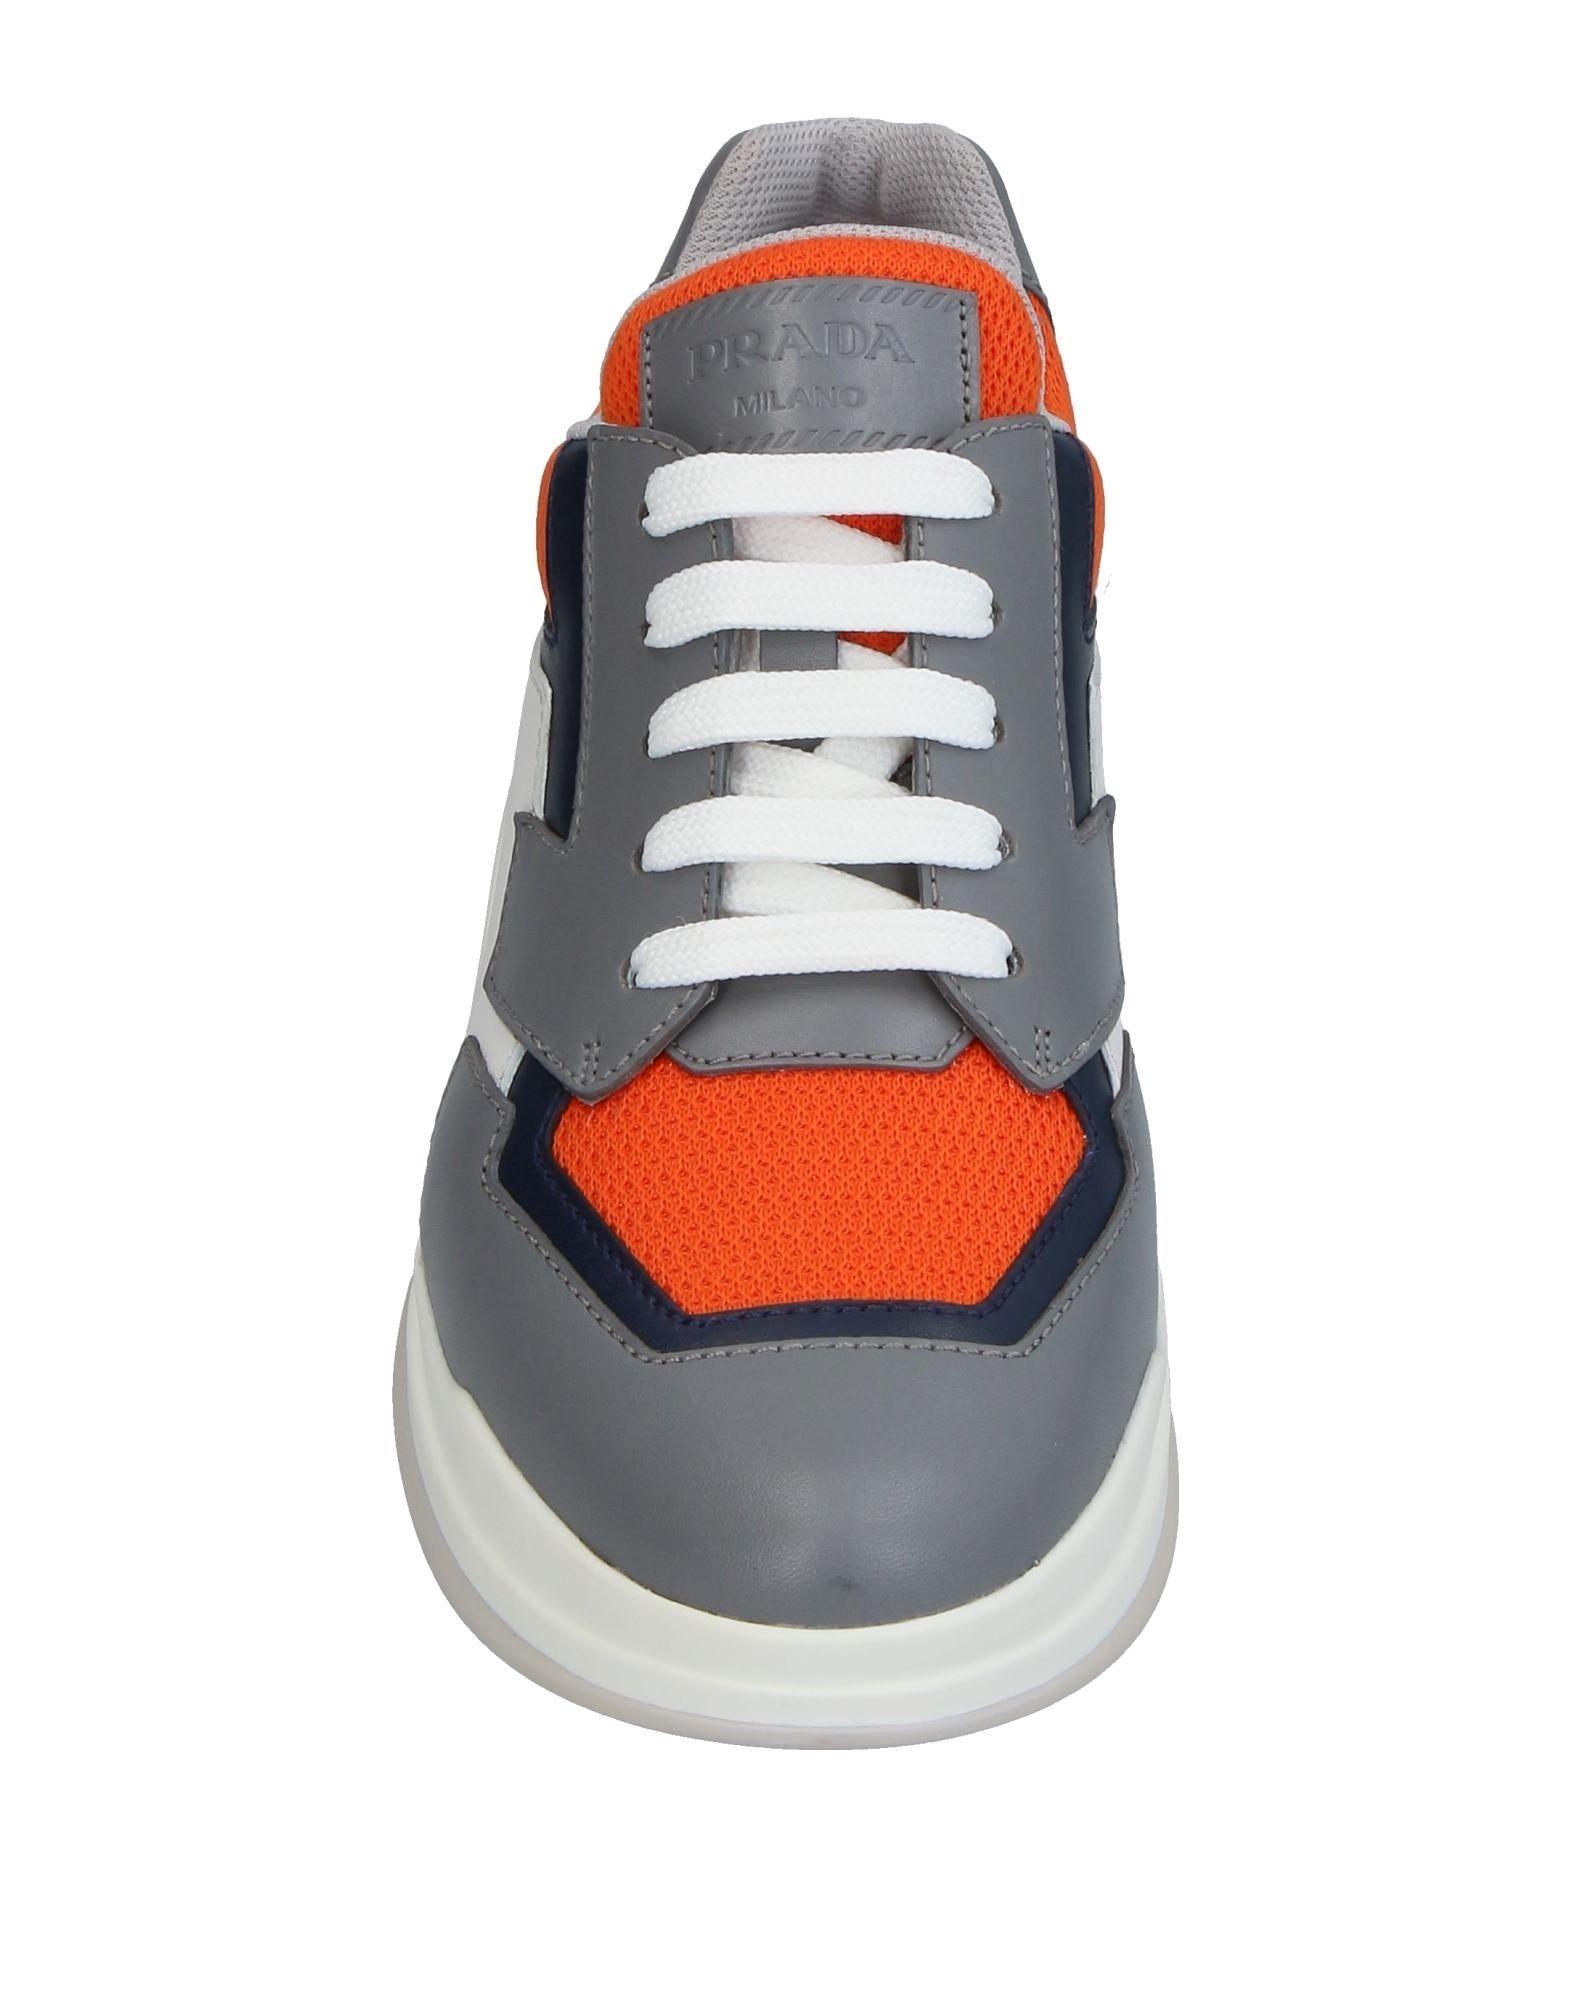 ad44334c93e5 Sneakers Prada Sport Femme Sneakers Prada Sport sur - abusaeedhostel.com